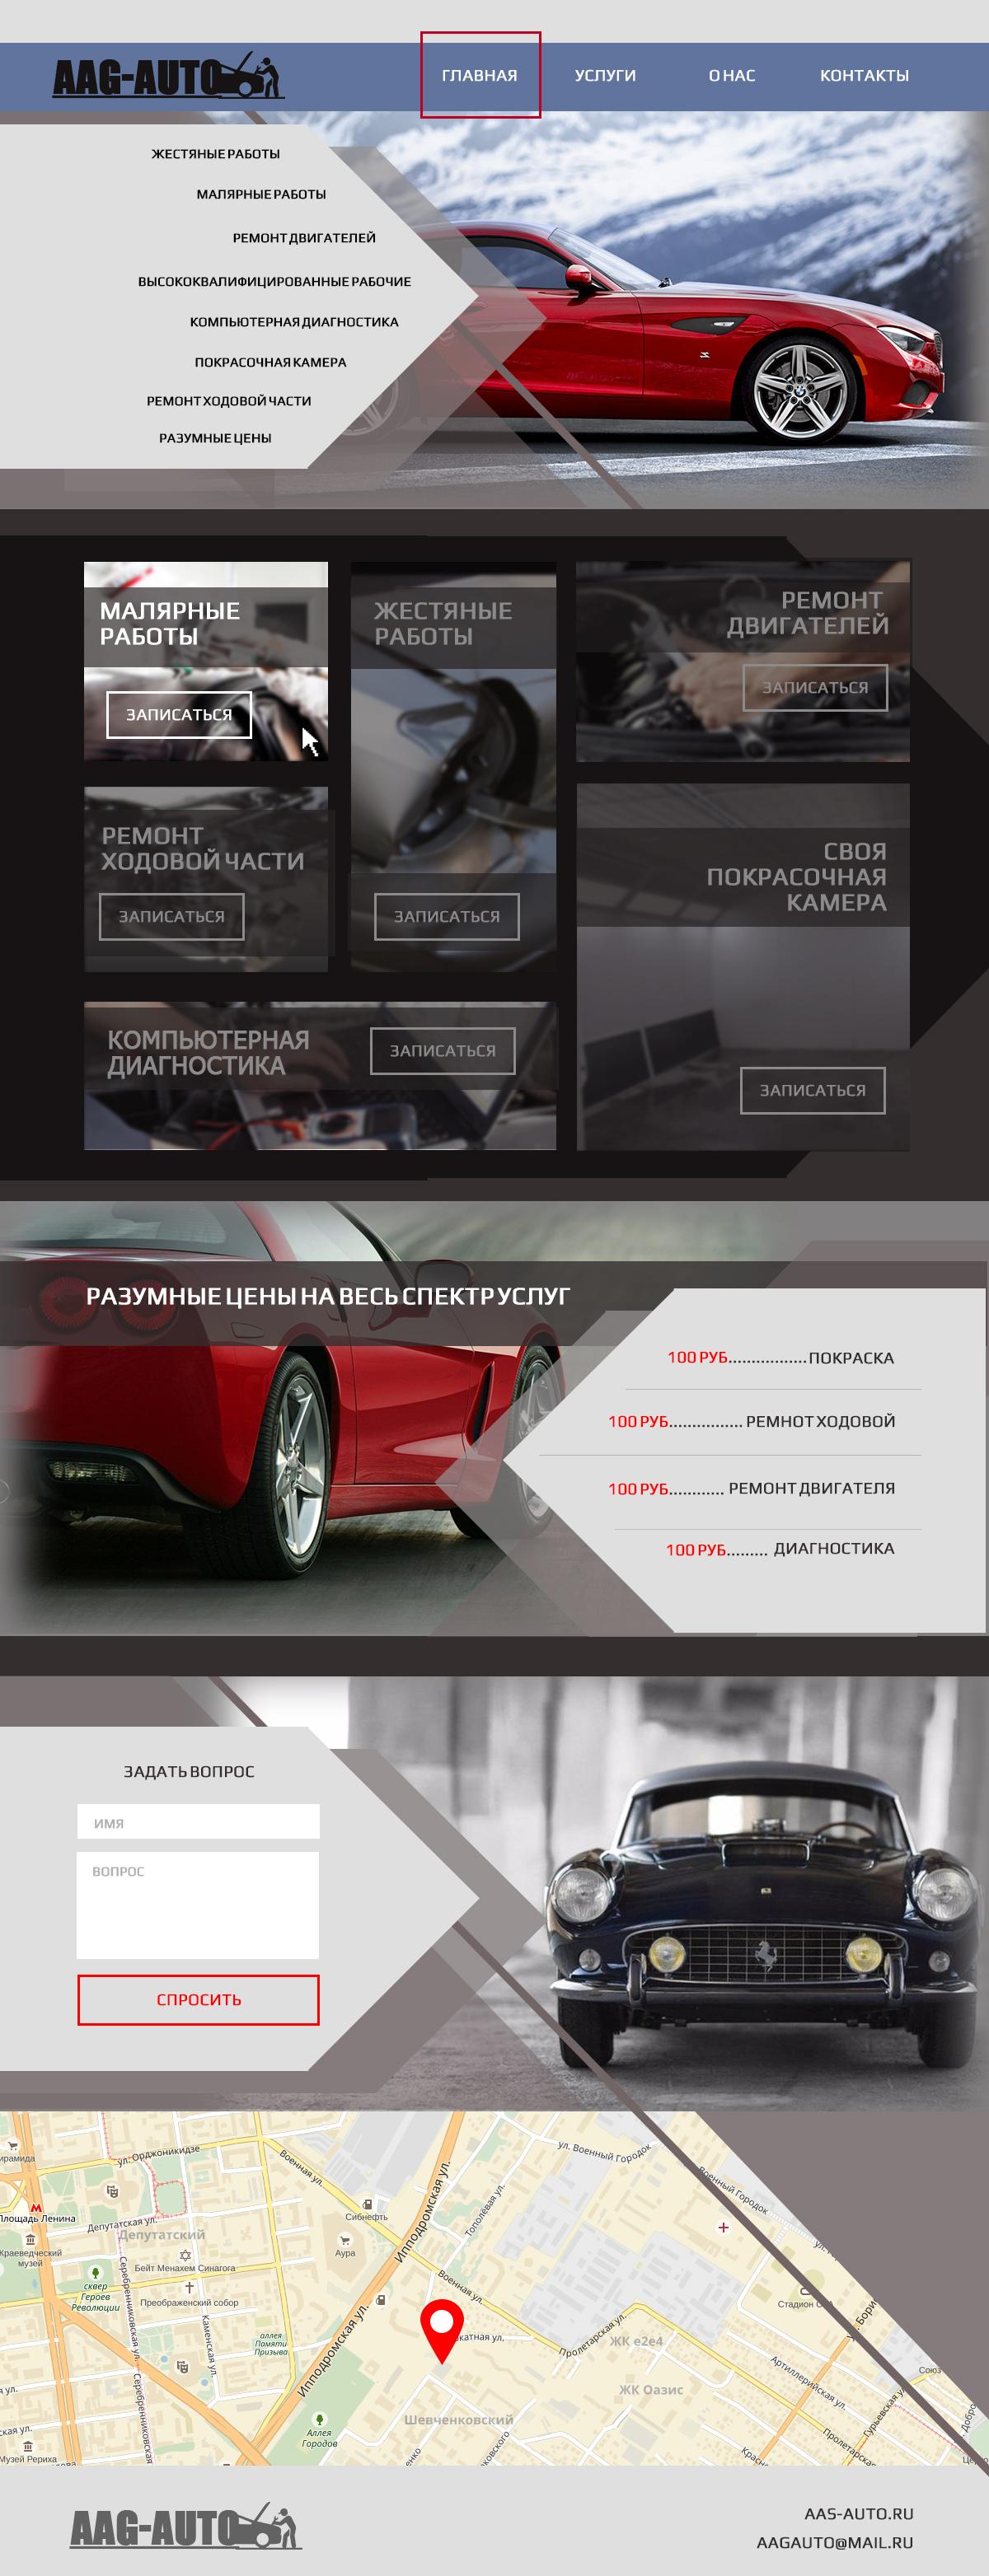 Дизайн сайта автосервиса фото f_08259144708f019f.jpg